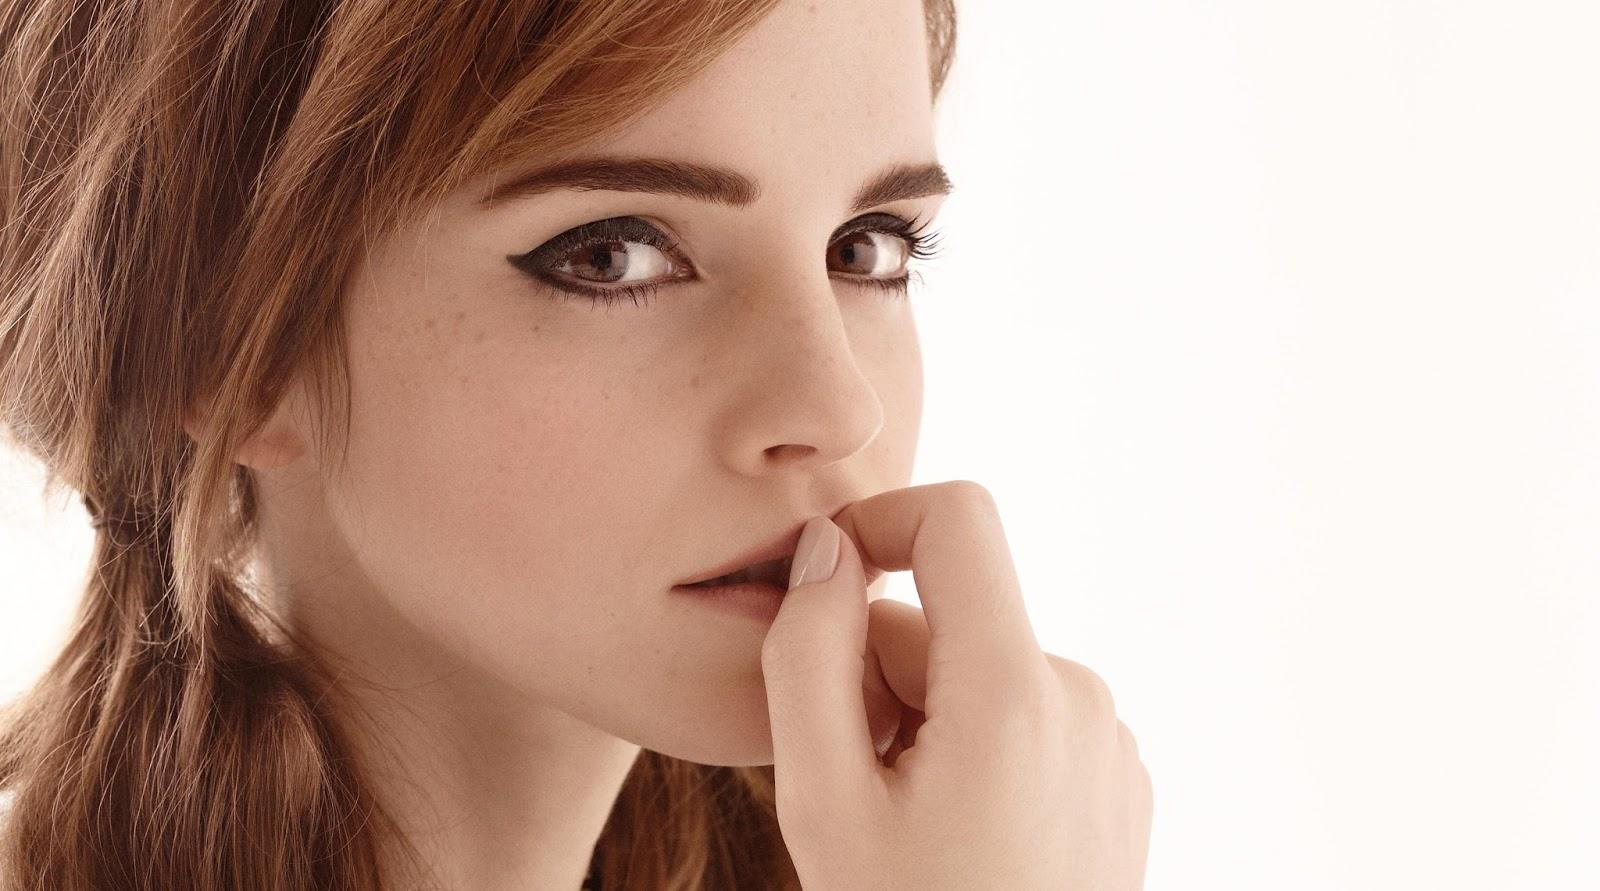 Emma Watson Hot Lips Image HD